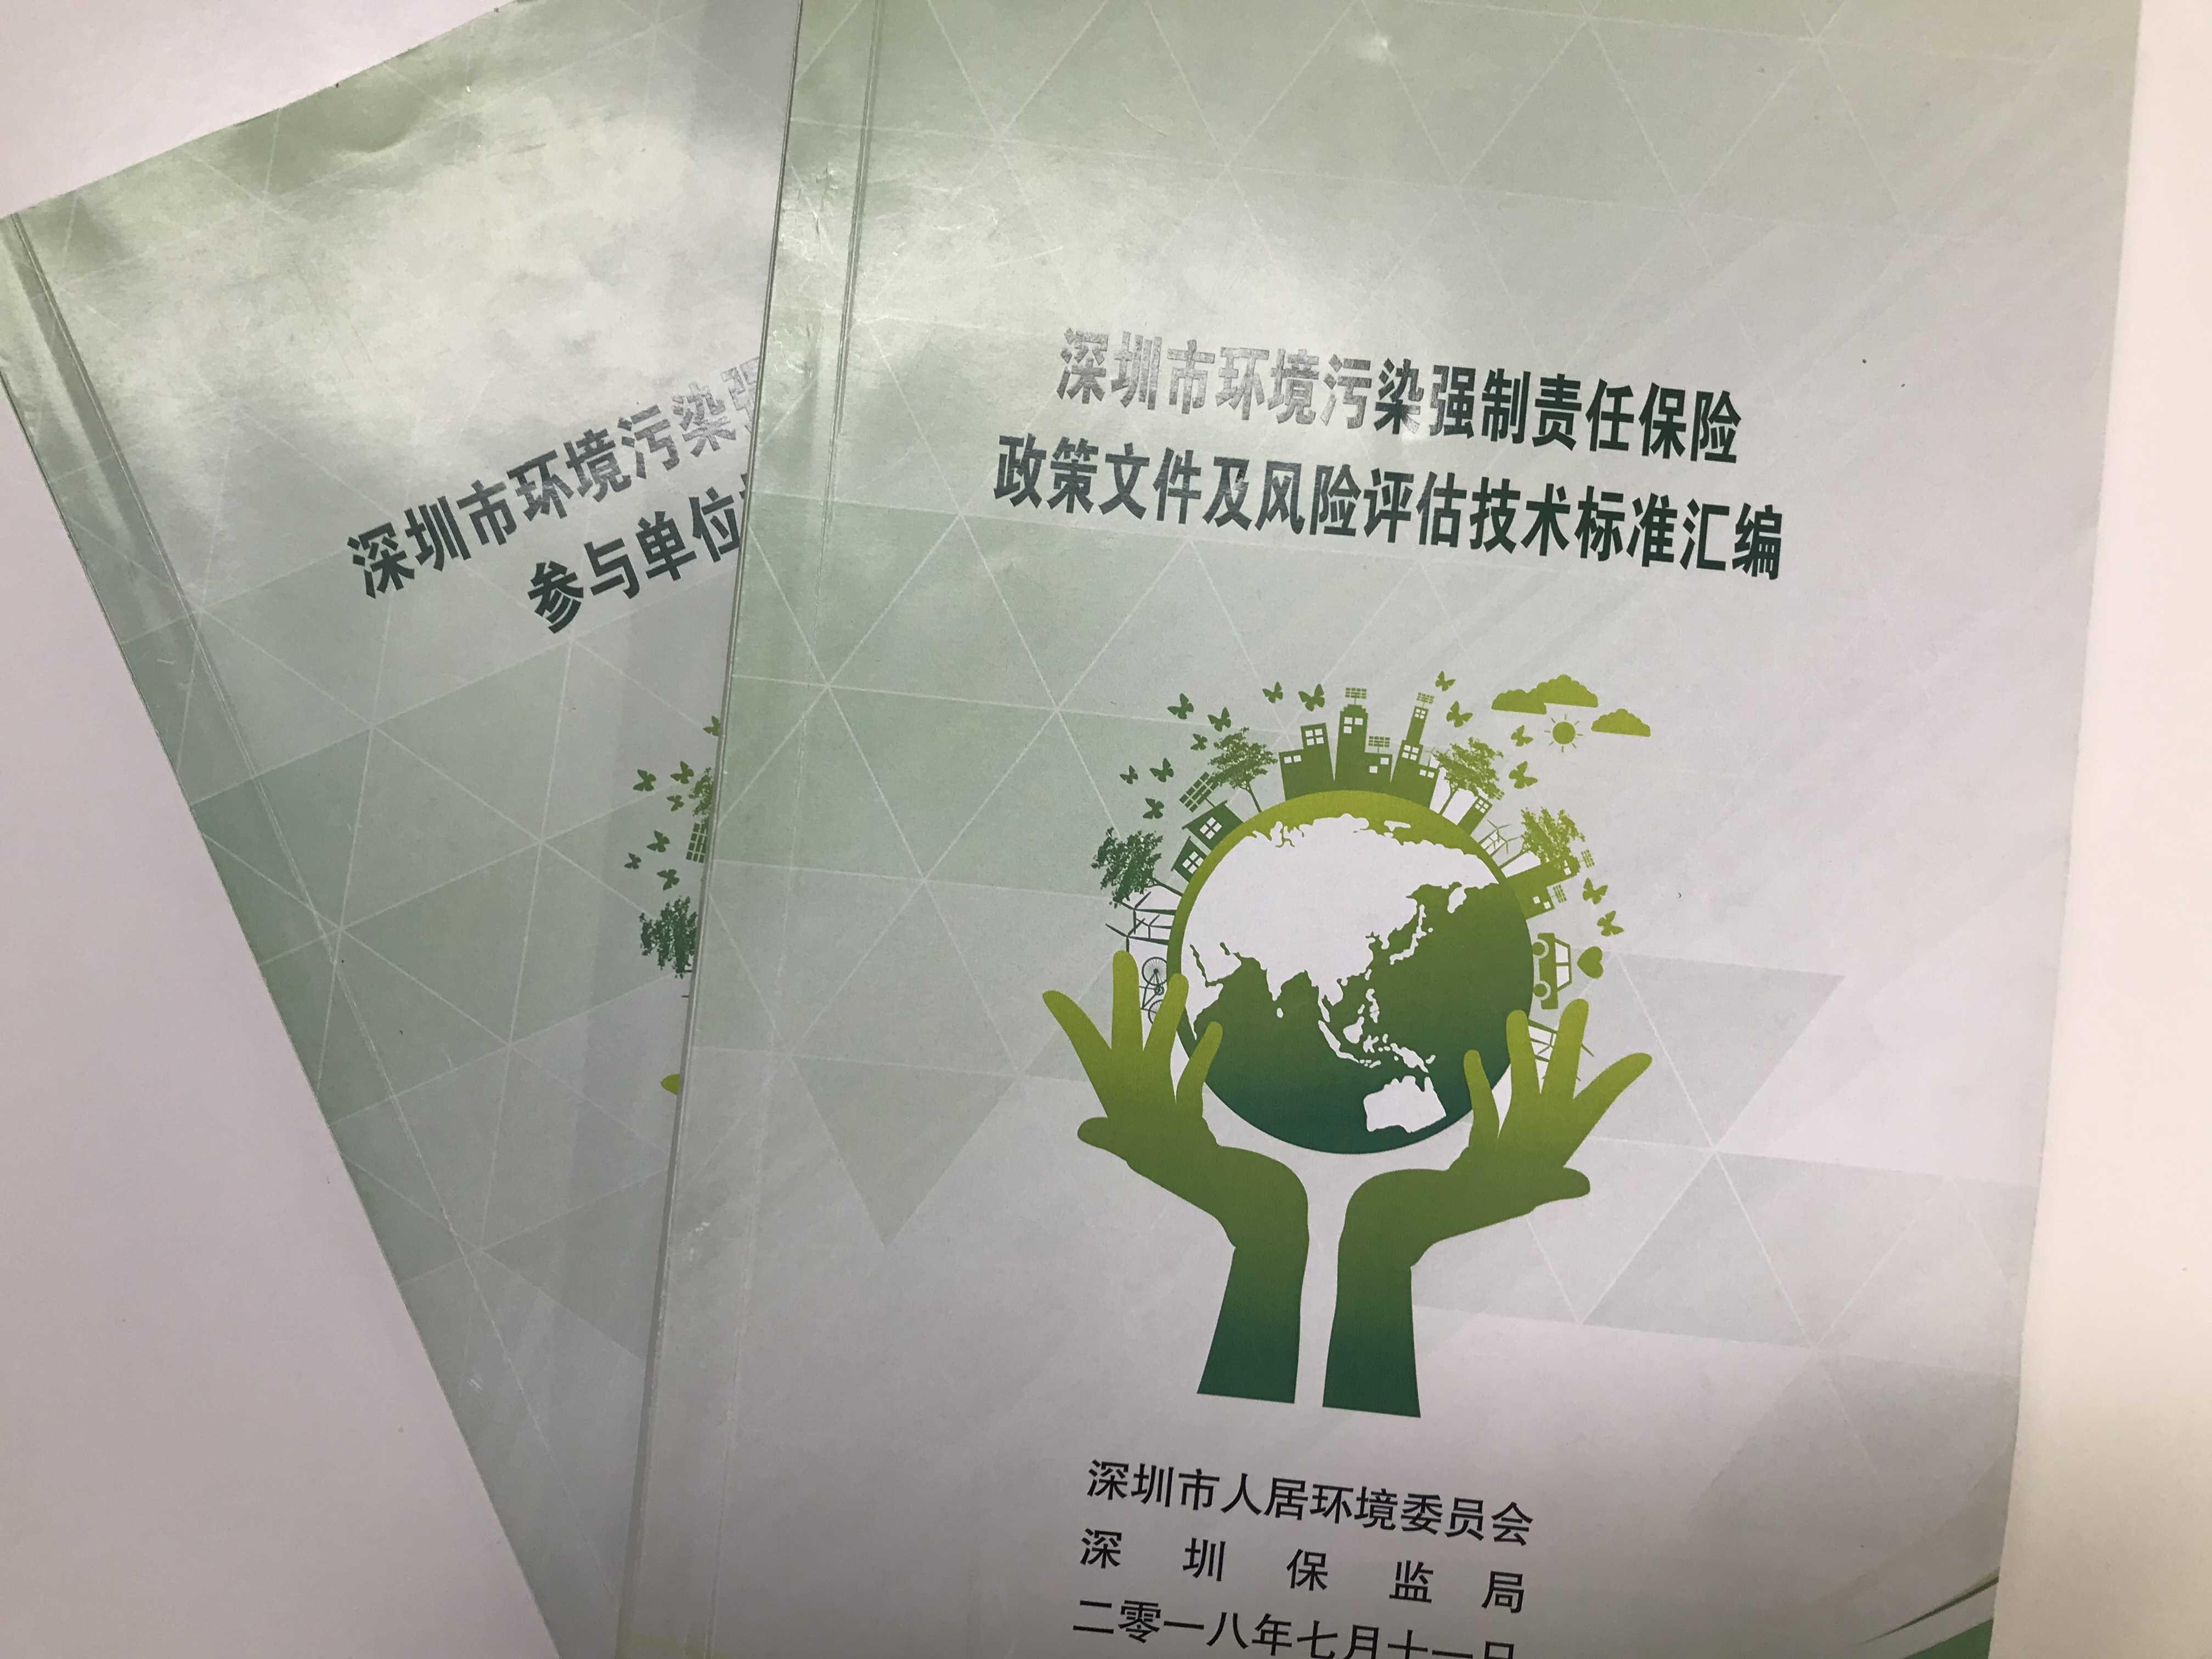 環保政策研究